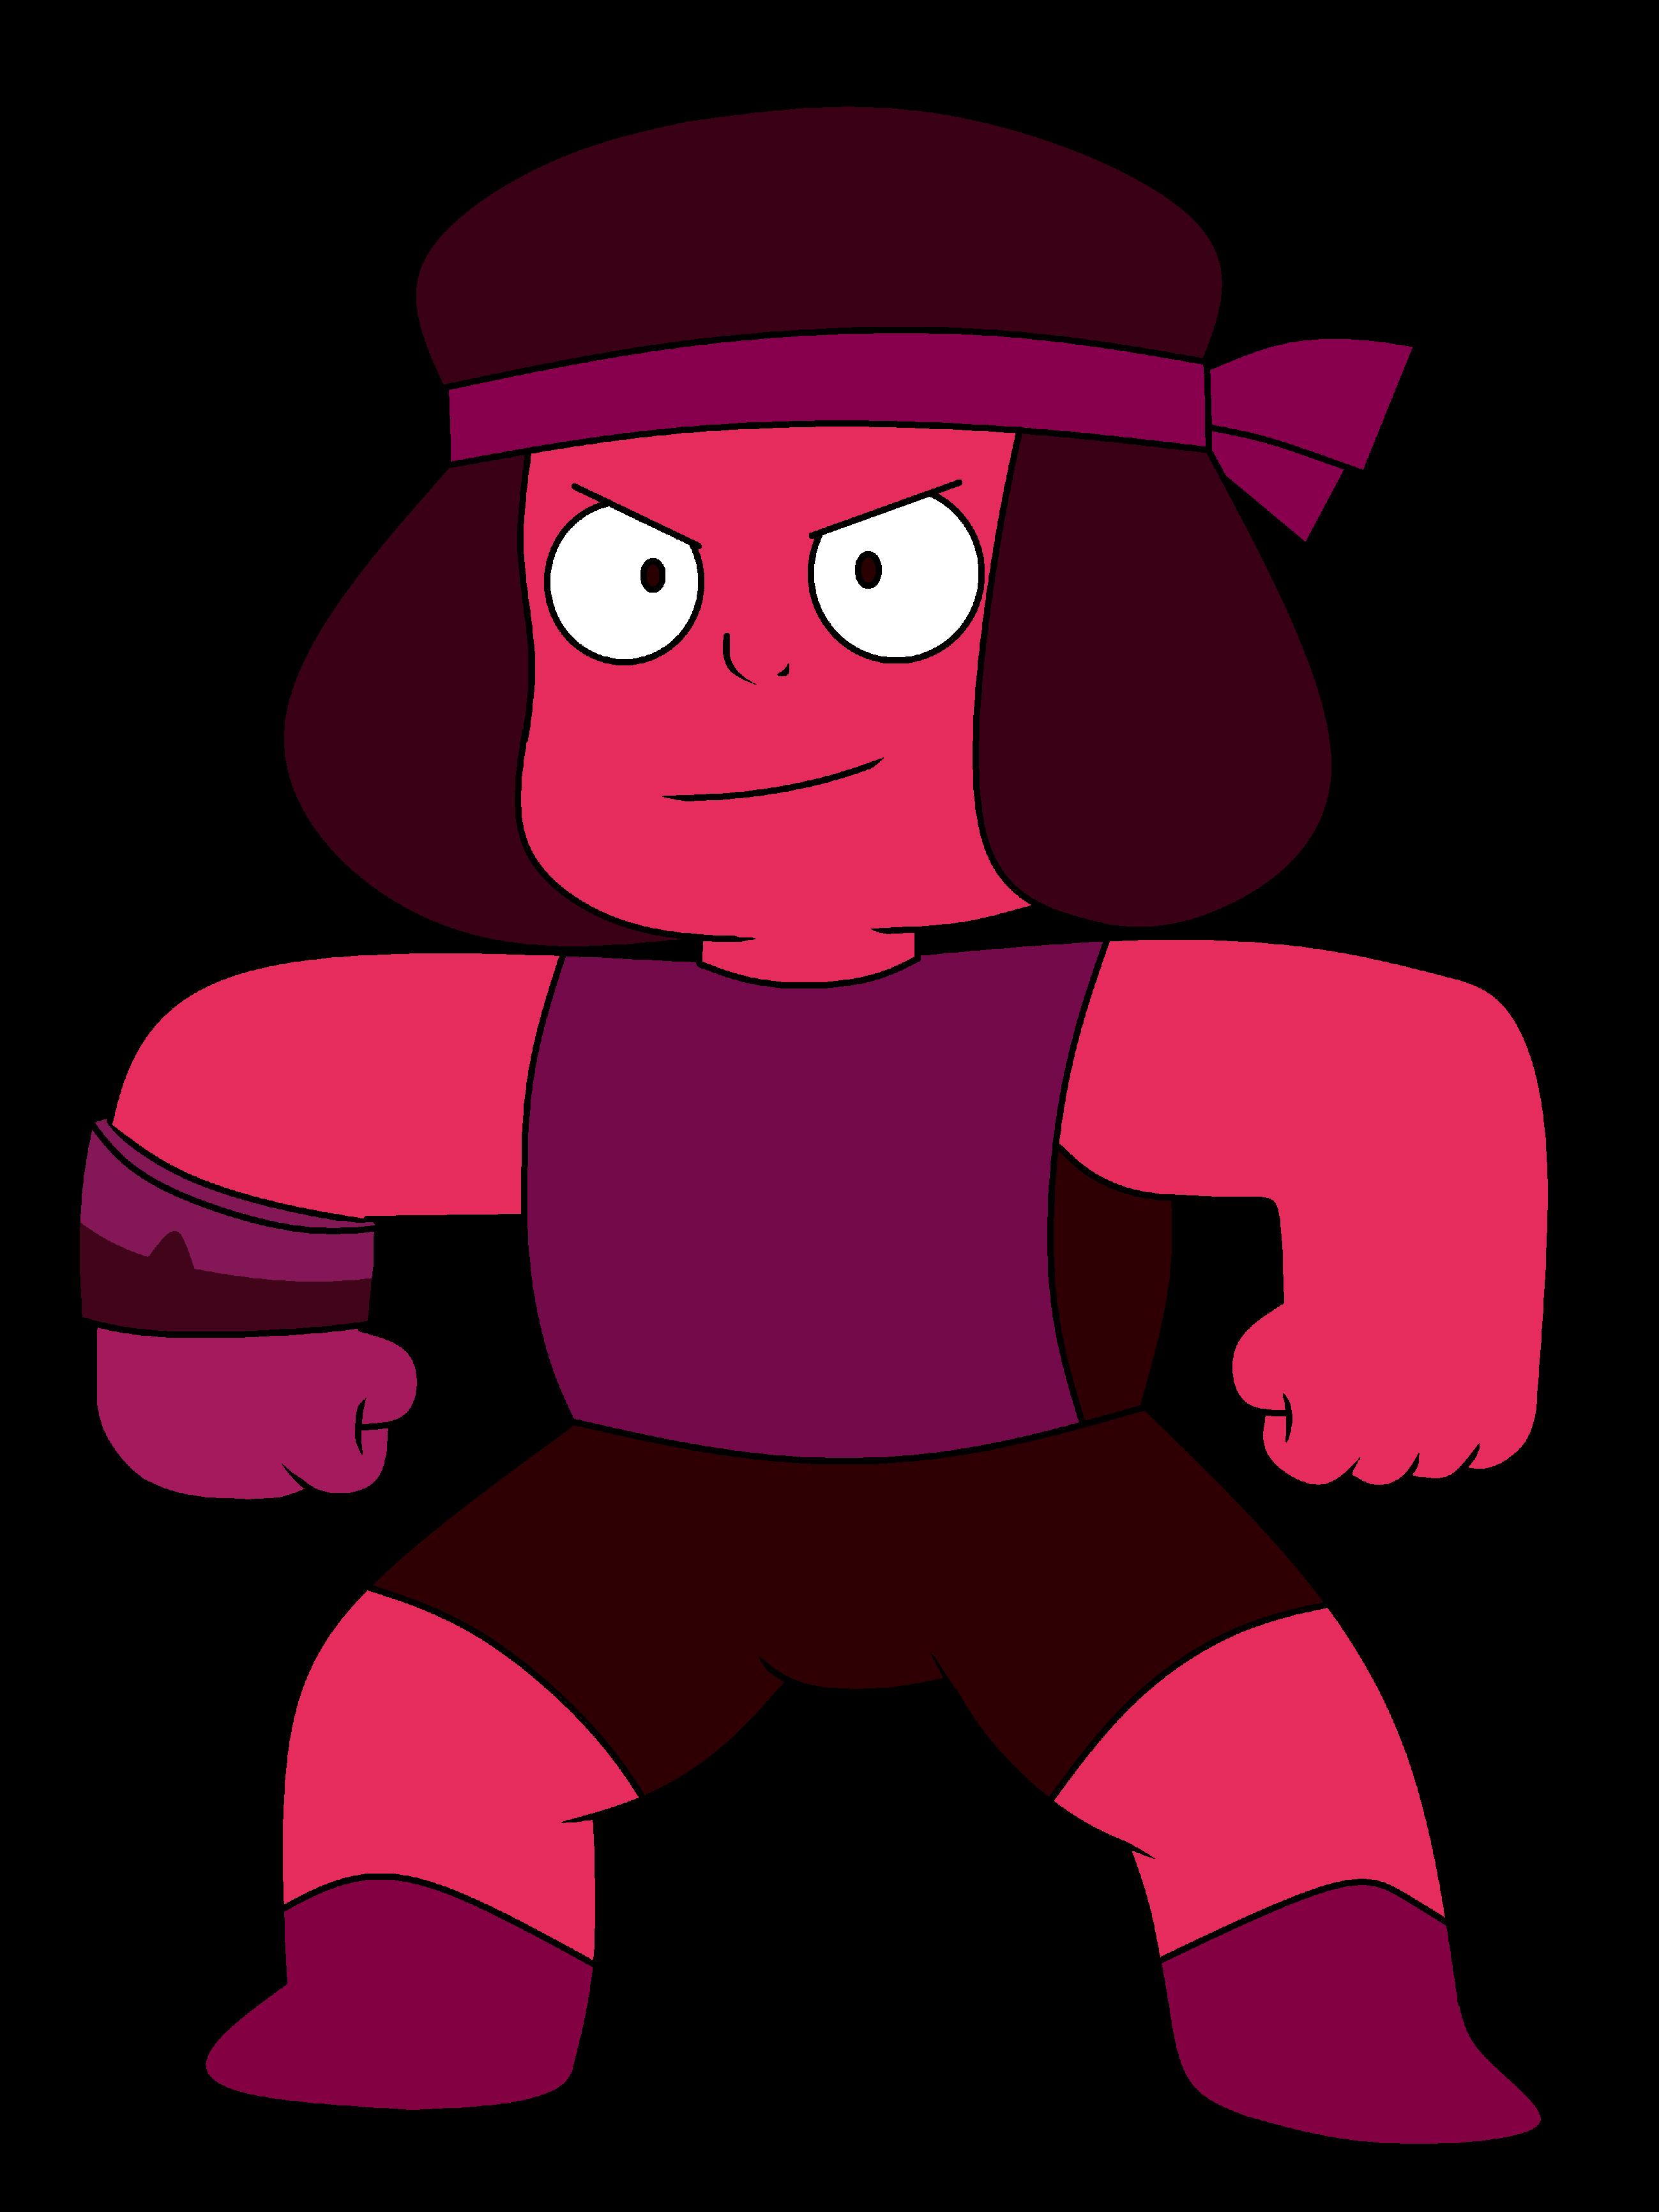 Ruby steven universe wiki. Karaoke clipart raised fist